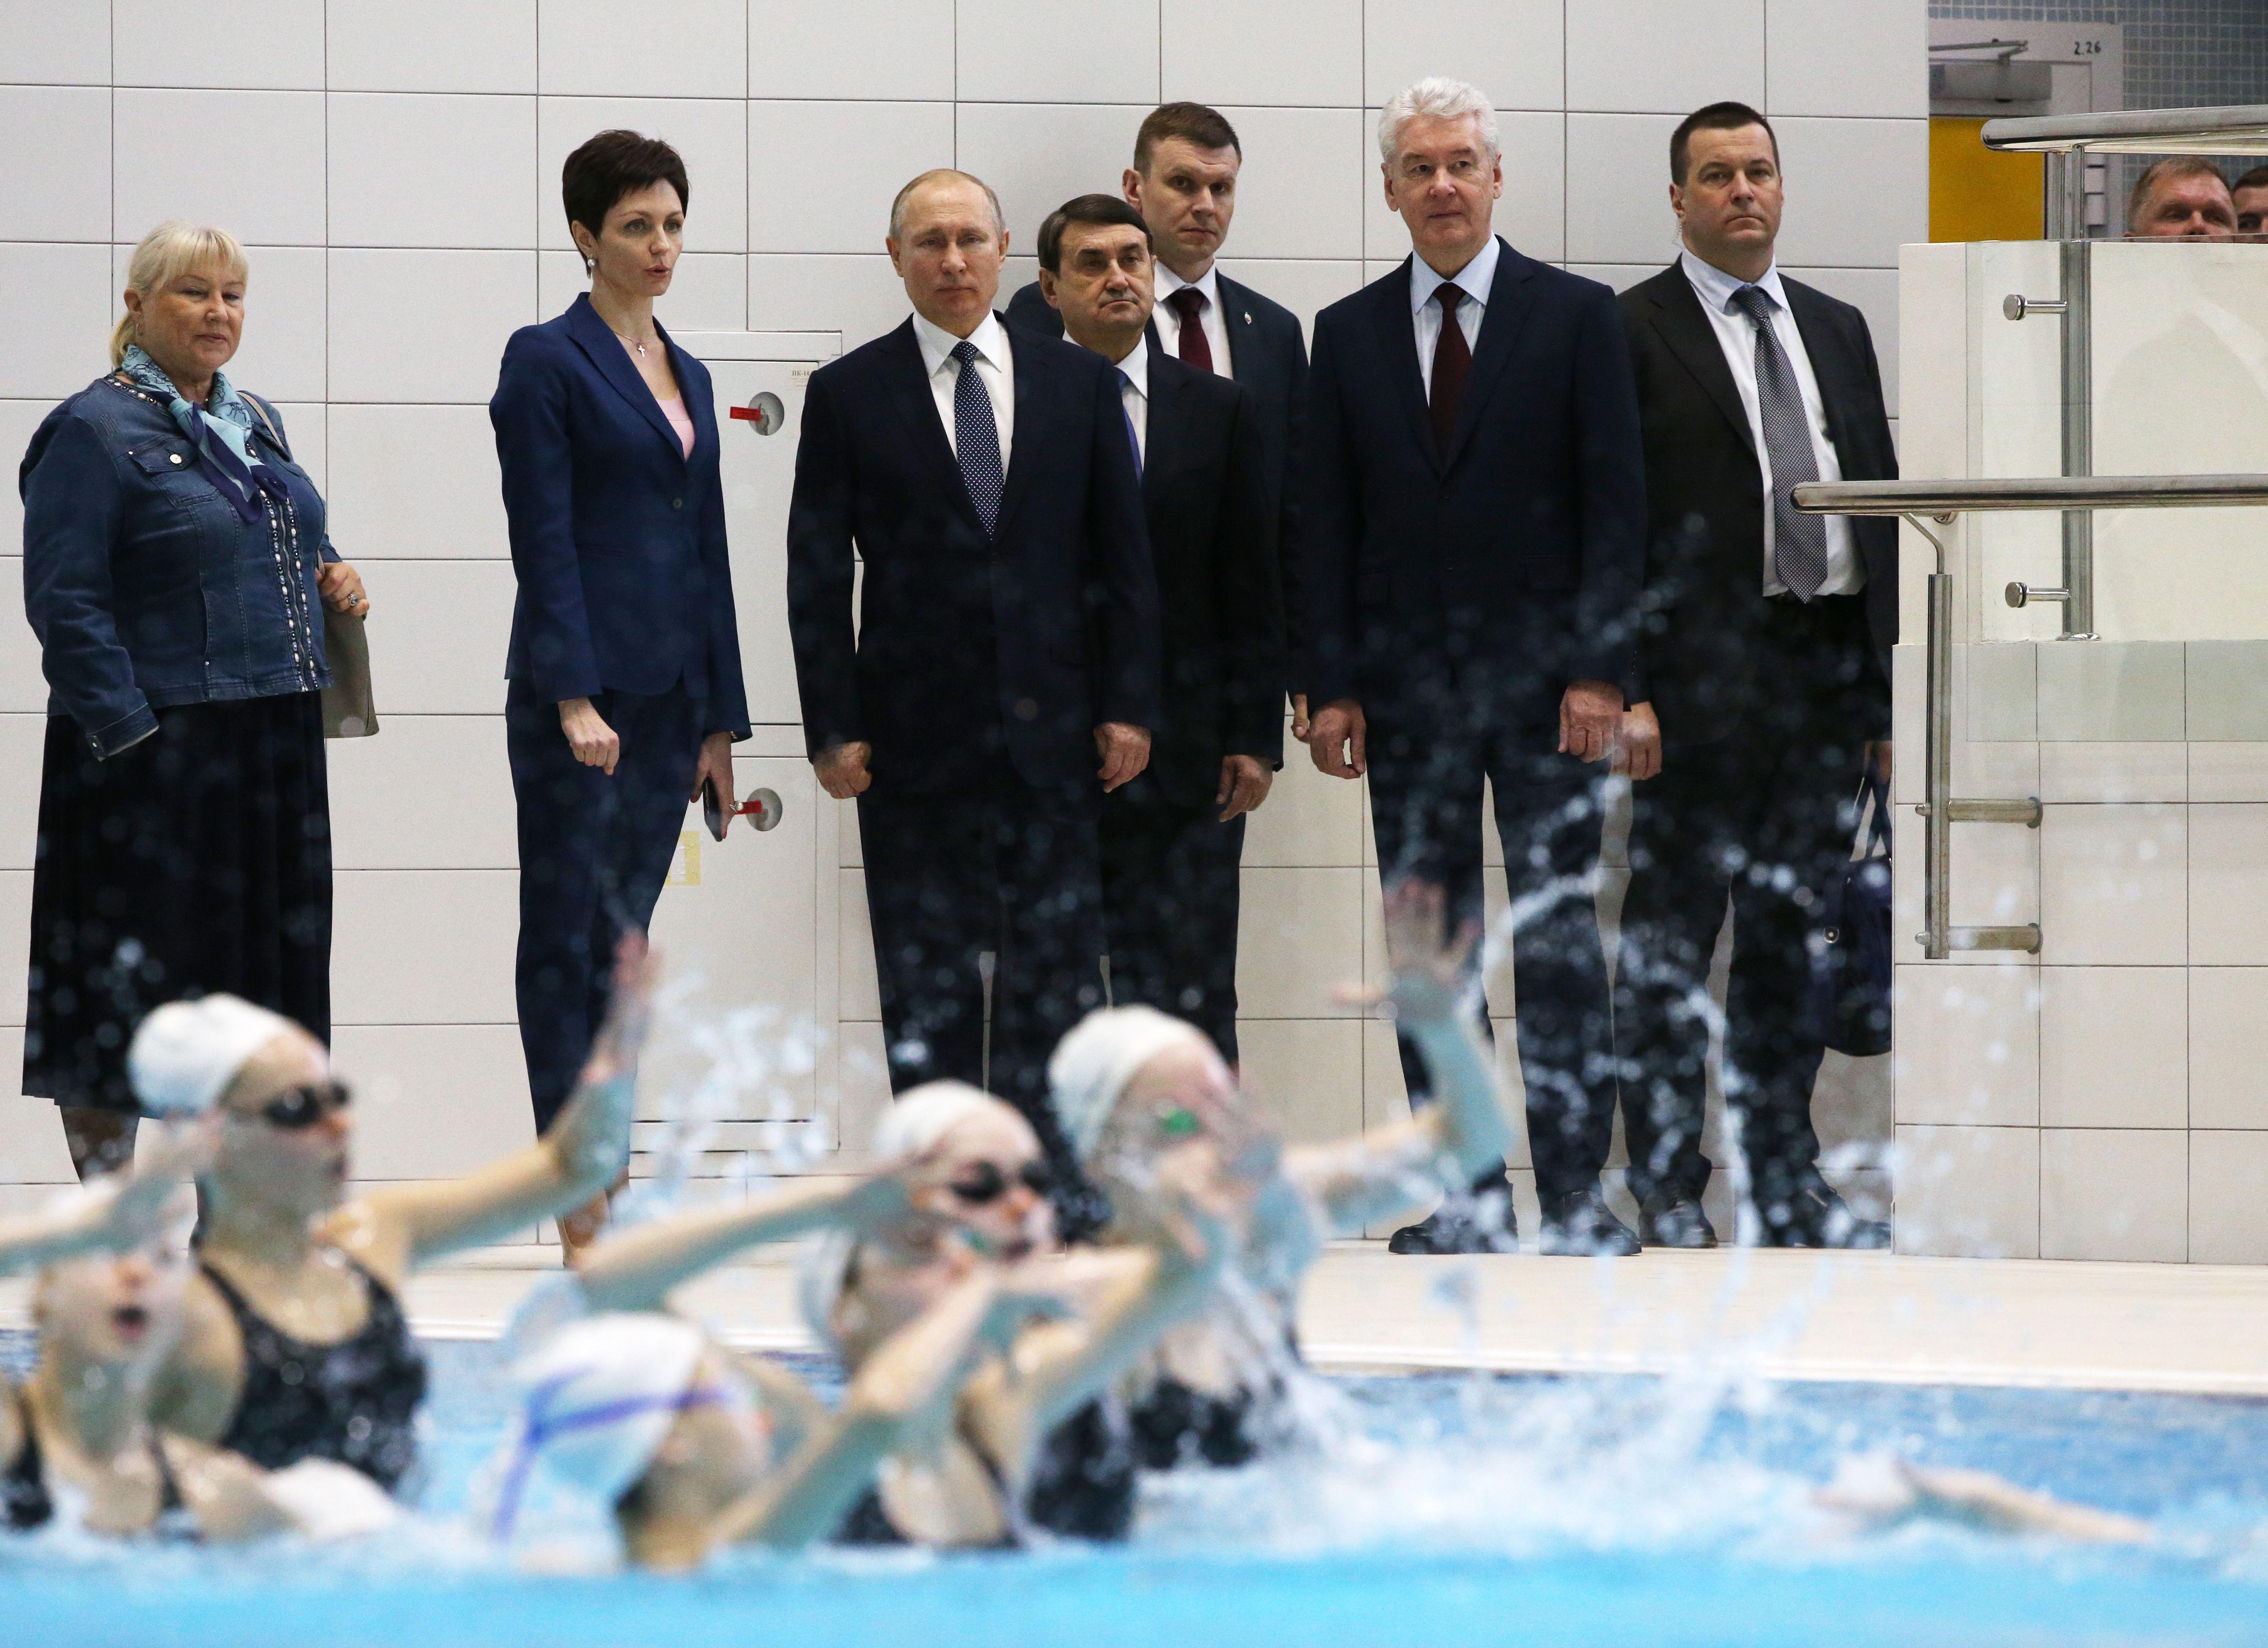 Сергей Собянин рассказал Владимиру Путину об интересе москвичей к спорту